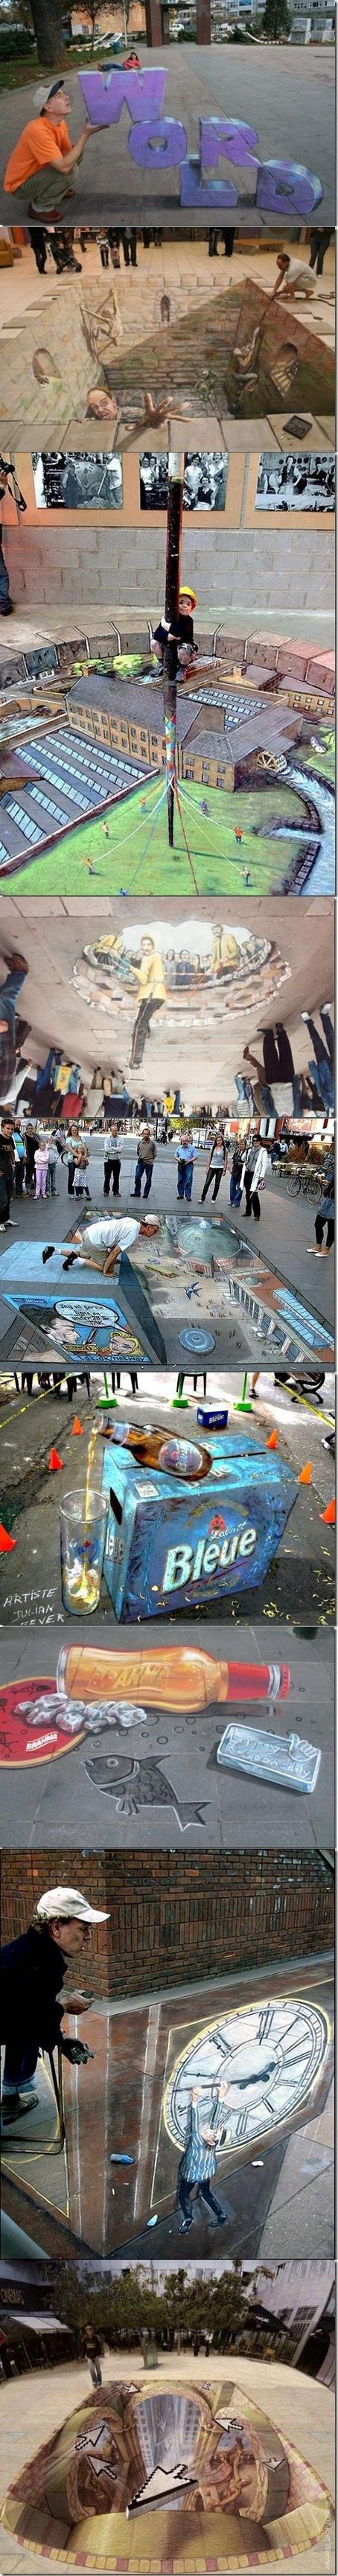 Amazing 3D sidewalk art part 2. part 1 /funny_pictures/155184/Amazing+3D+sid..... and then it rains :) Amazing 3D sidewalk art part 2 1 /funny_pictures/155184/Amazing+3D+sid and then it rains :)